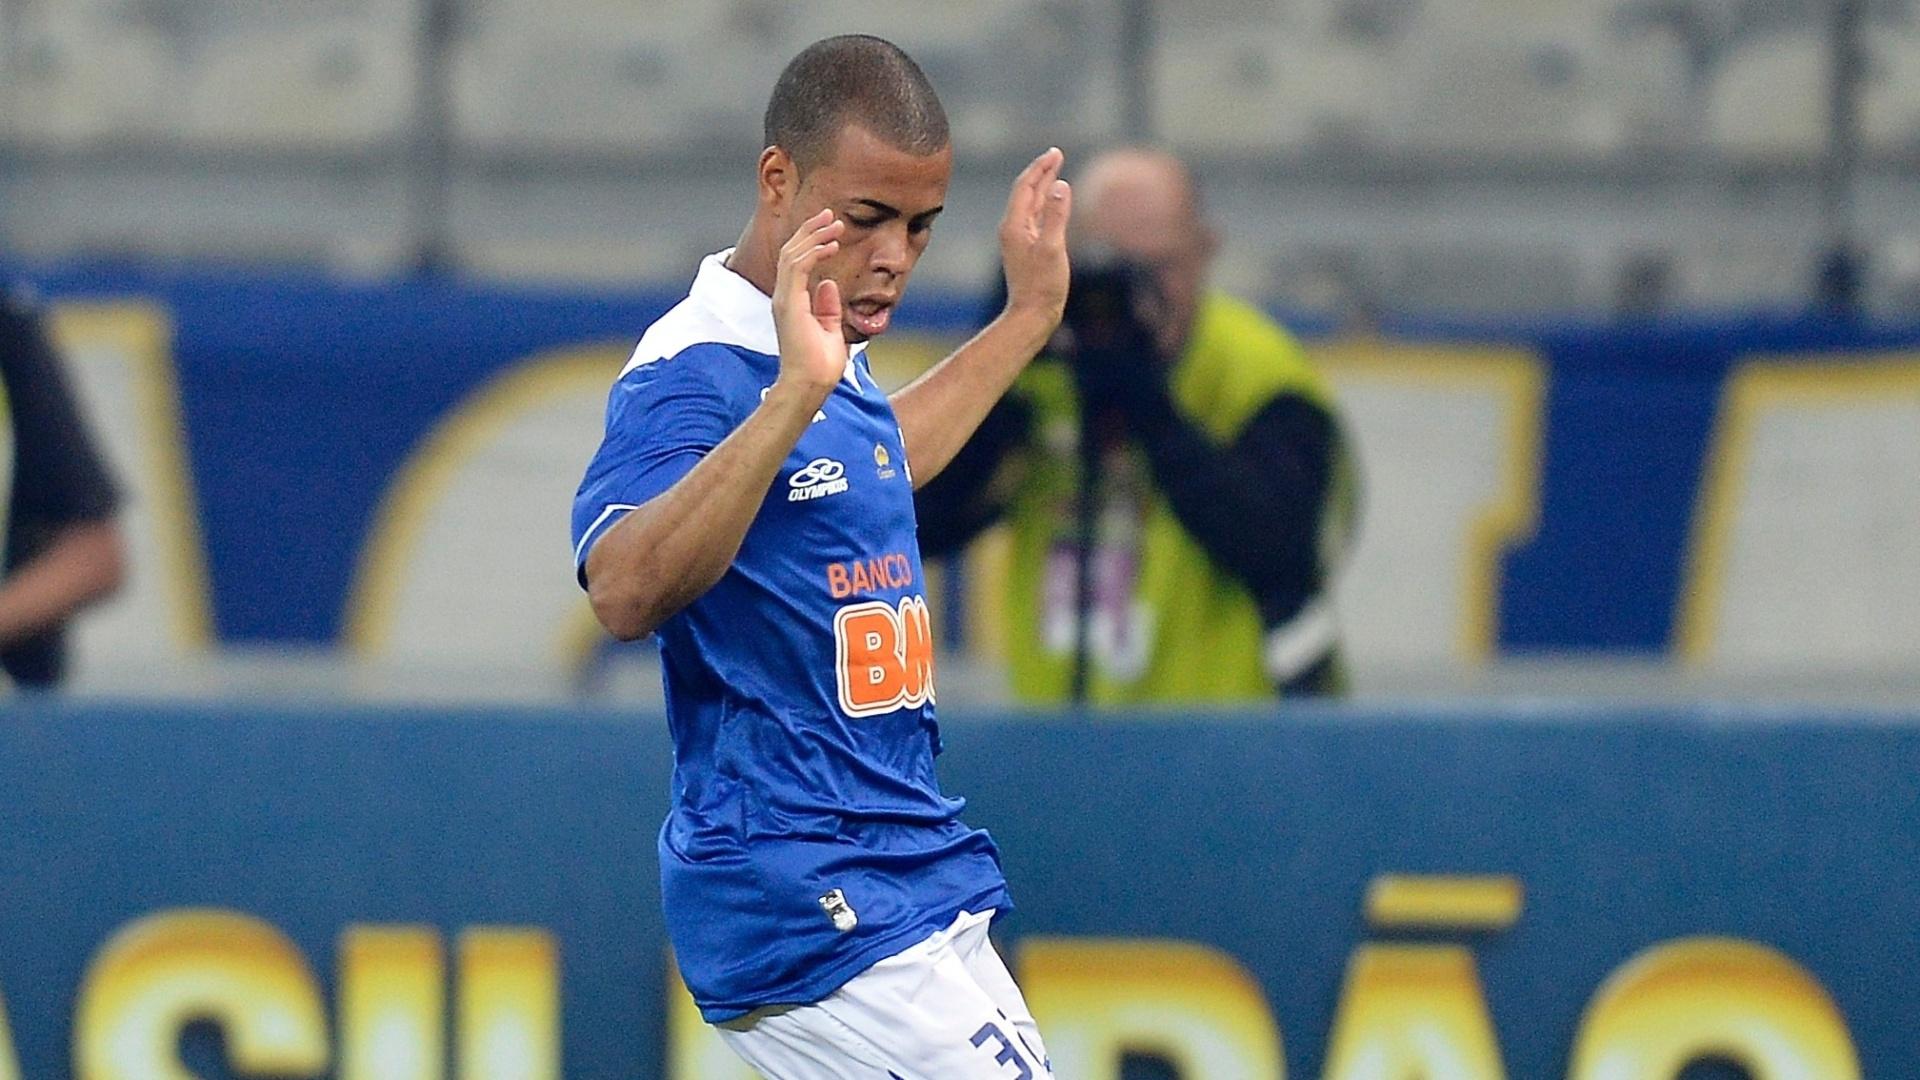 14.set.2013 - Mayke, do Cruzeiro, disputa bola com jogador do Atlético-PR